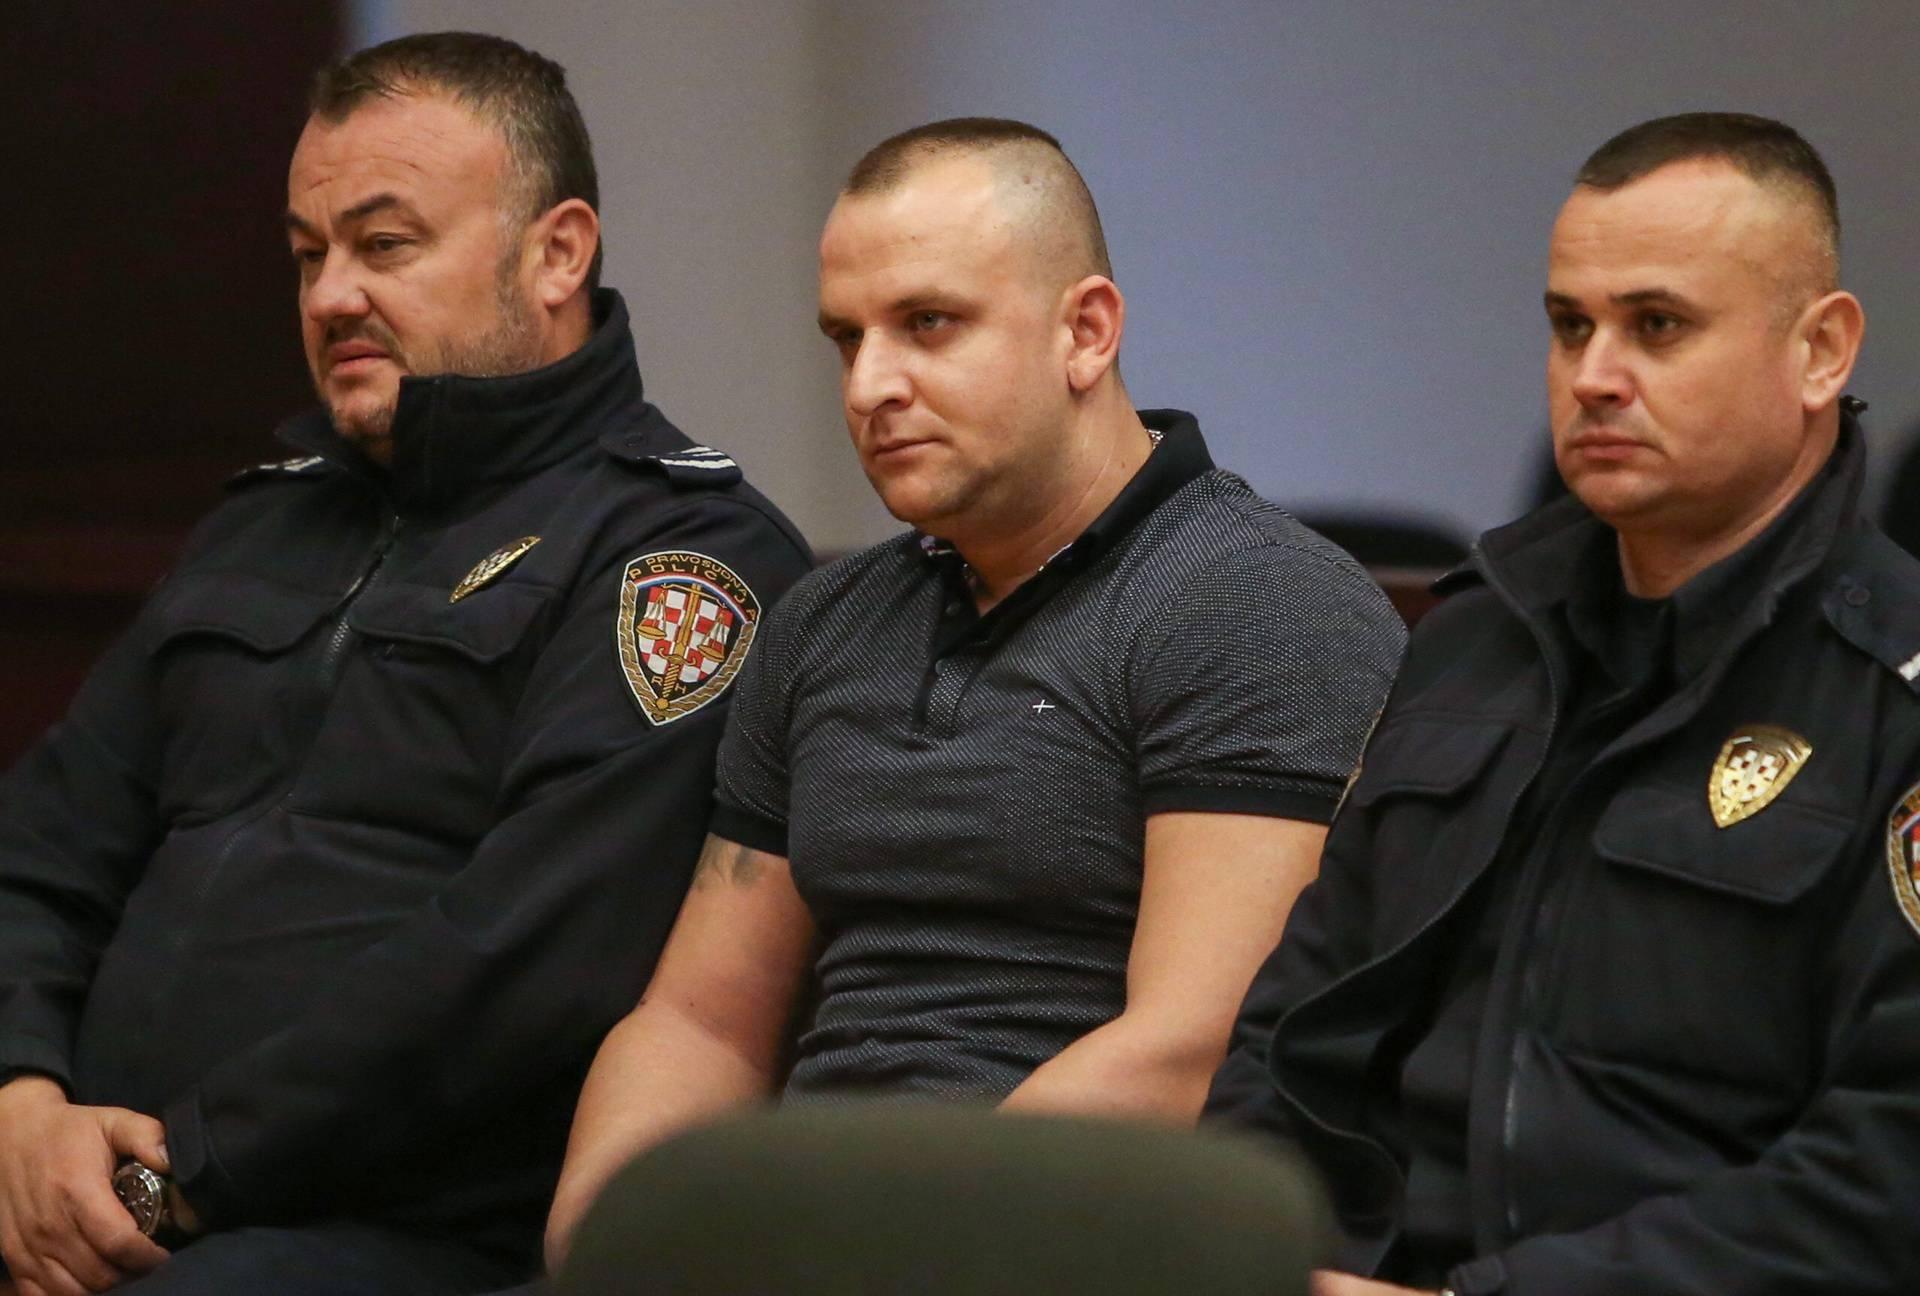 Završeno suđenje: Berisha dobio 16 godina zatvora!